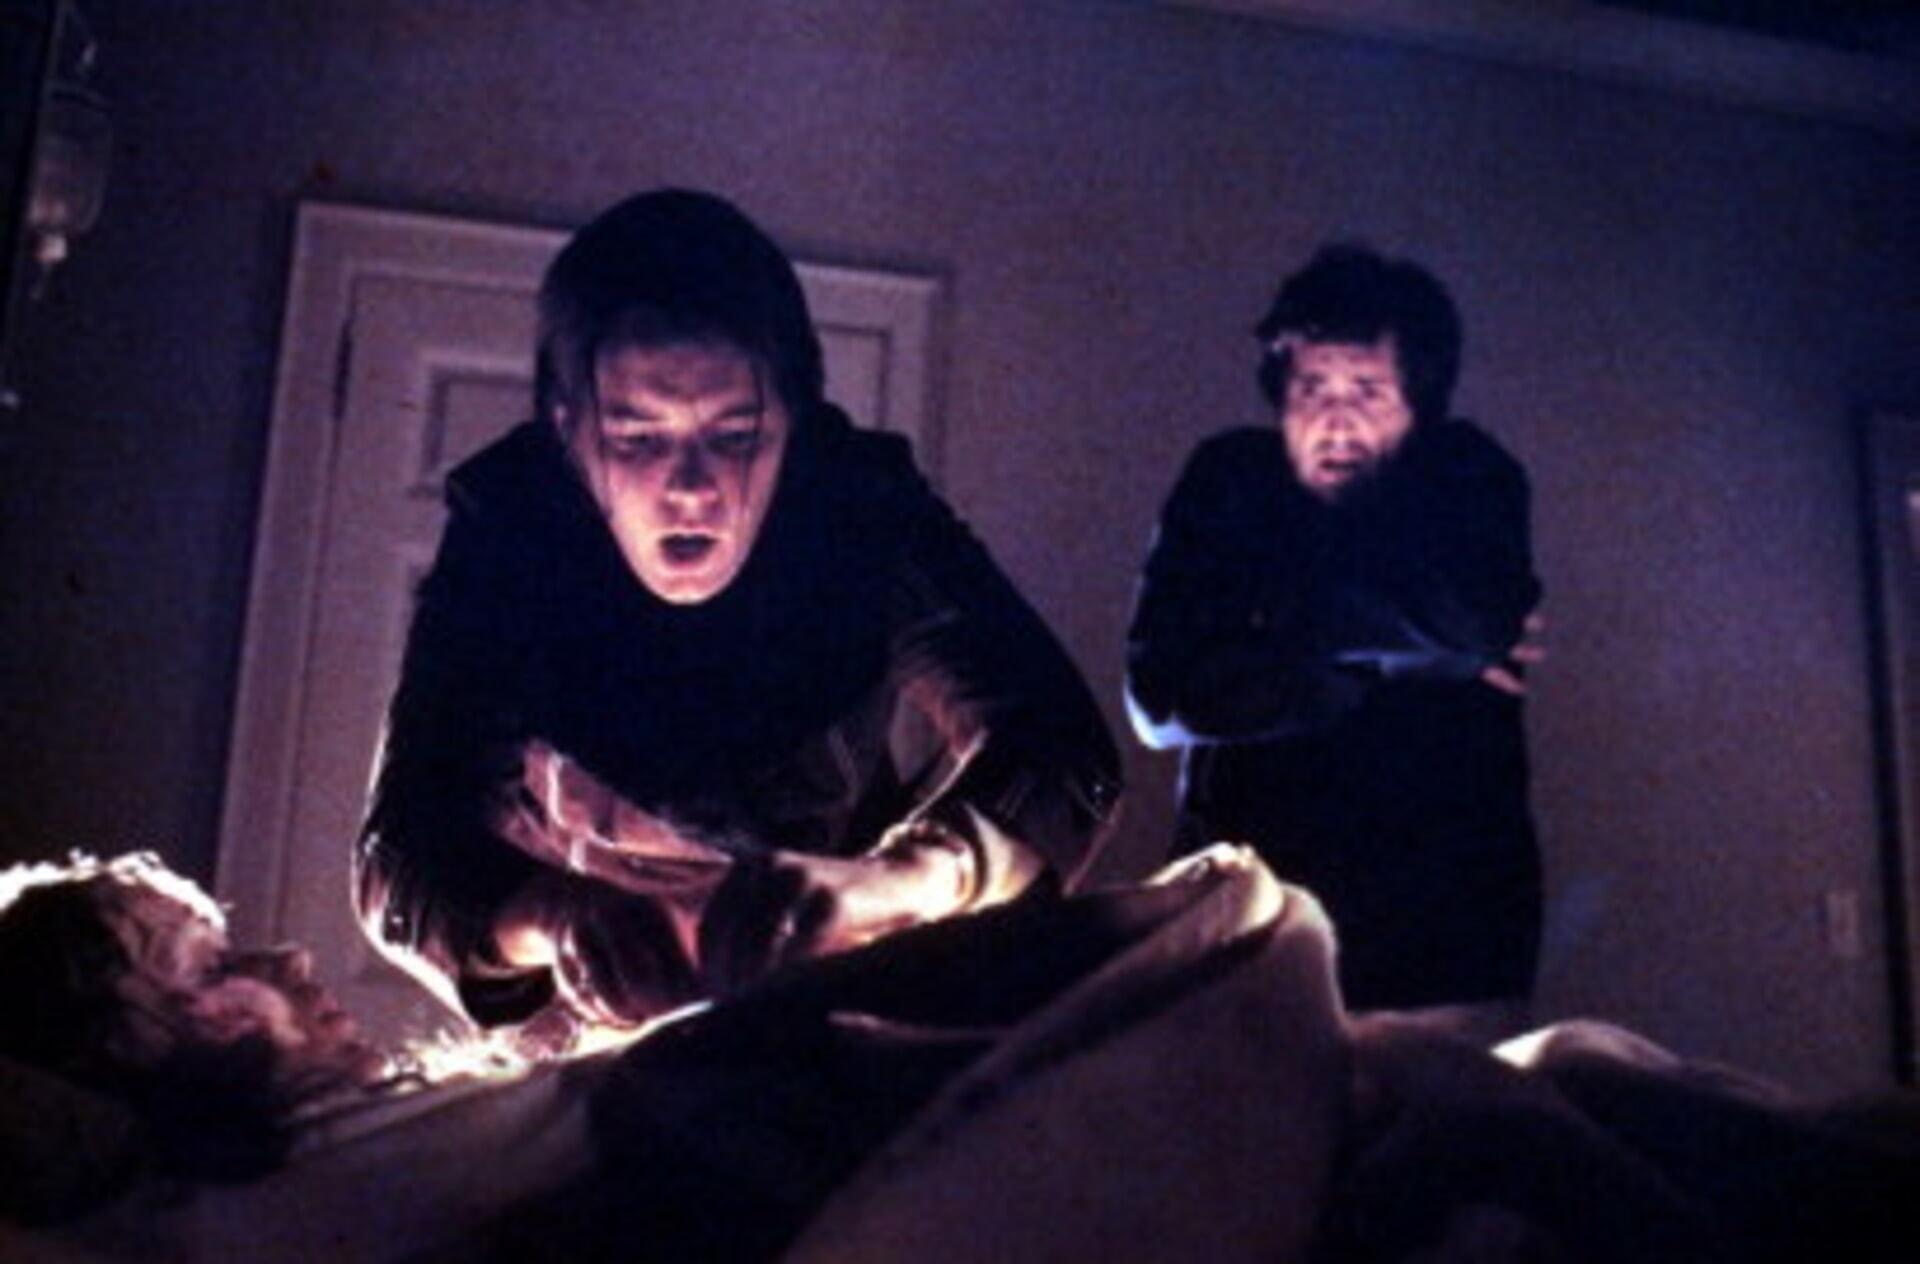 The Exorcist - Image 1